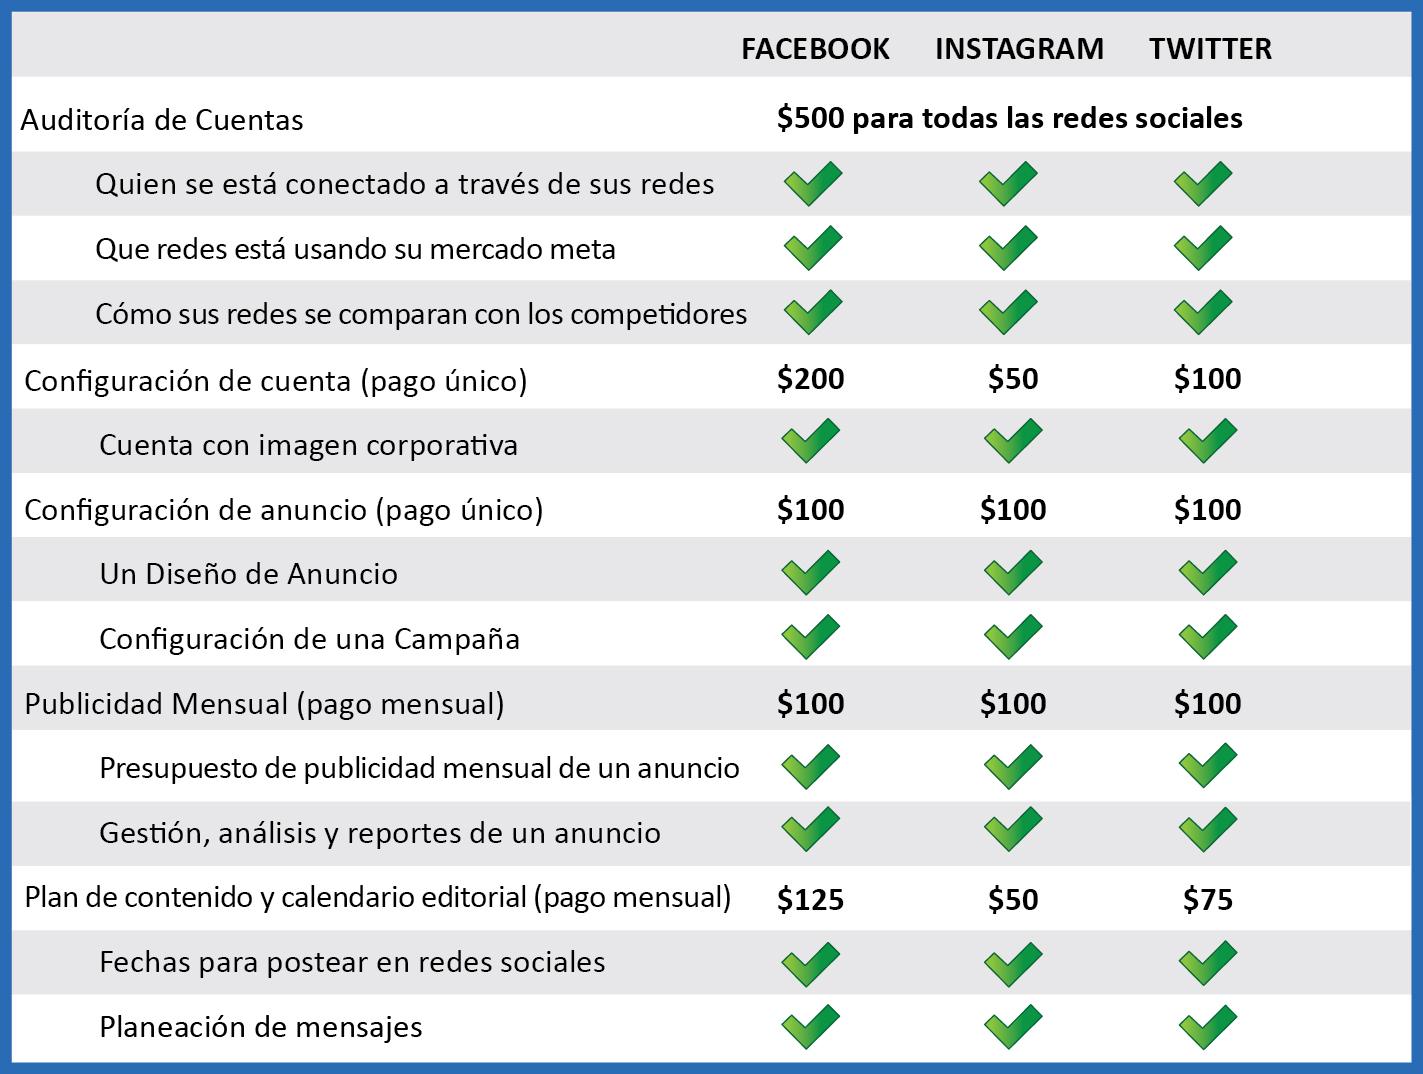 Mercadeo de Redes Sociales en Panamá